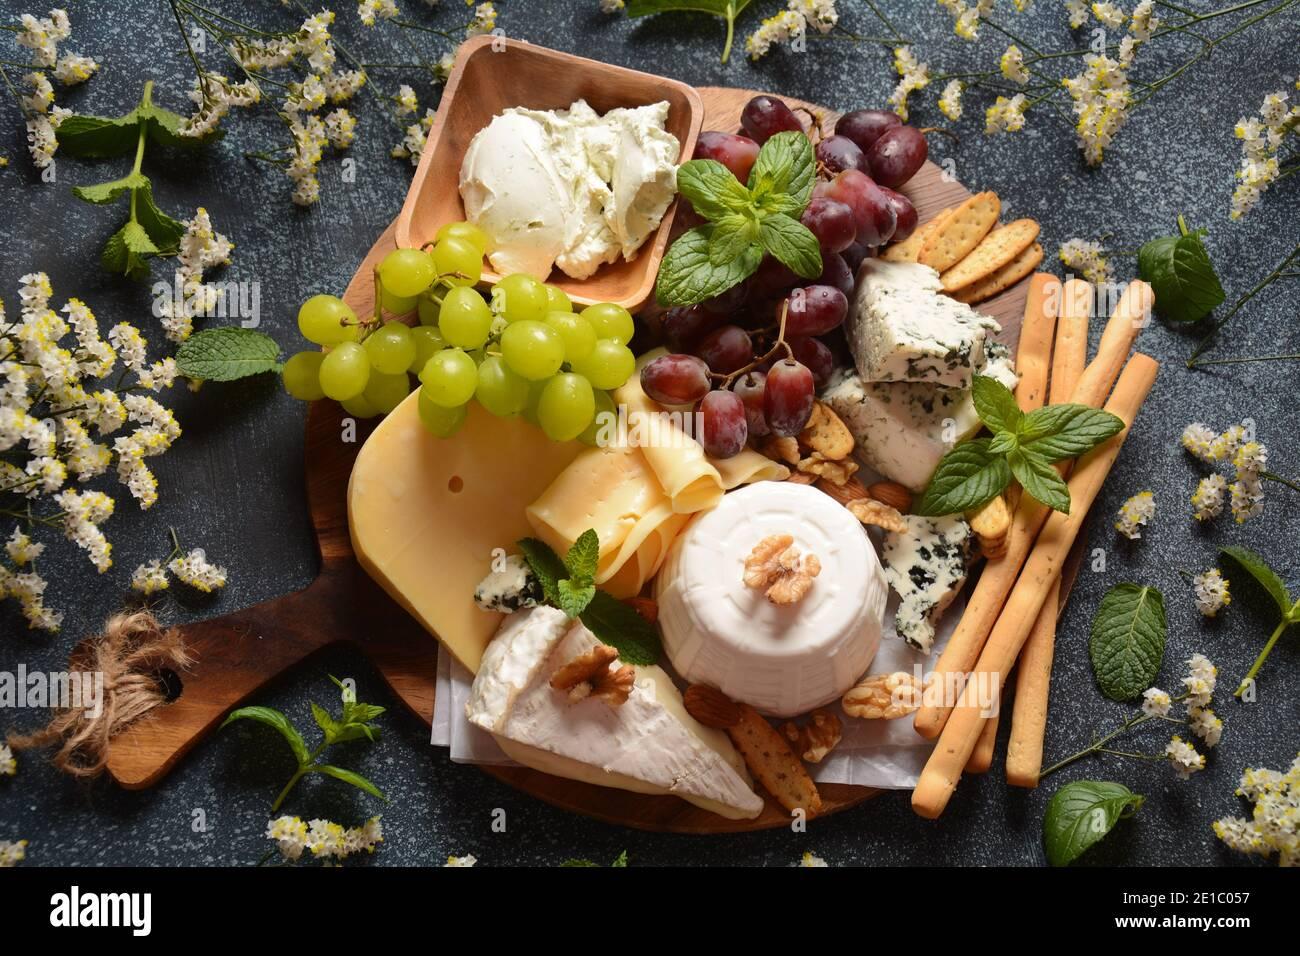 Plato de queso con quesos variados, uvas, frutos secos y aperitivos. Italiano, entrante de queso francés. Concepto de comida tradicional Shavuot Jewish Holiday Foto de stock